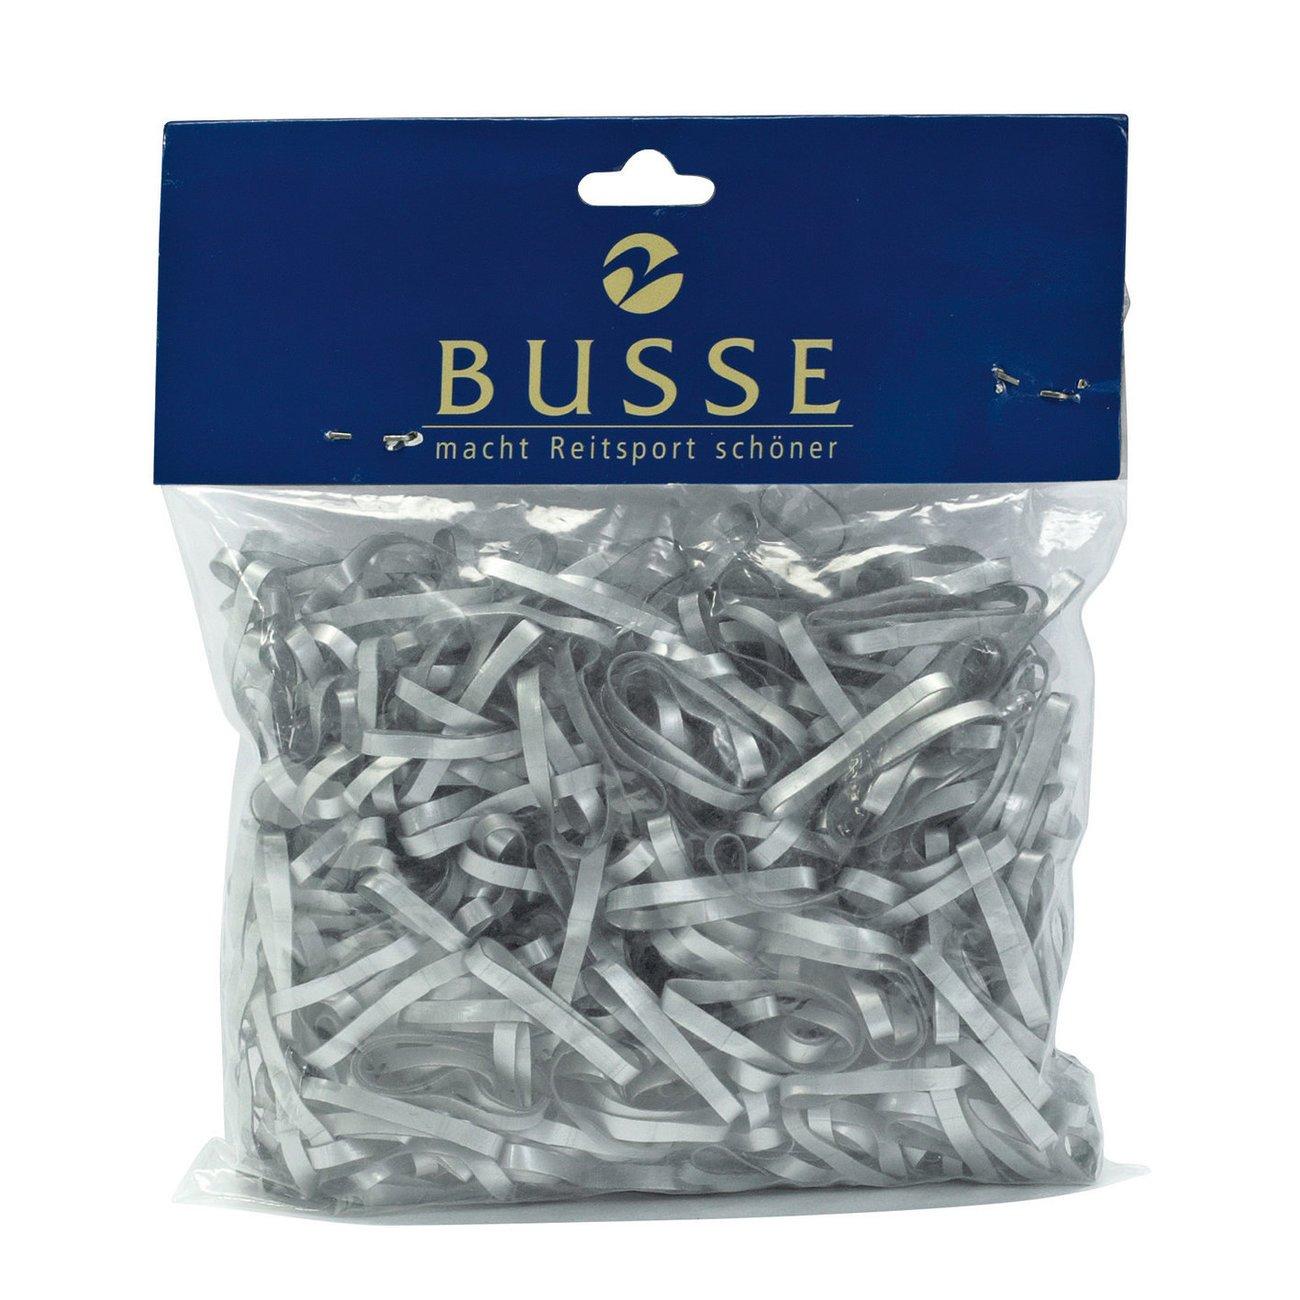 BUSSE Mähnengummis Silikon, 450 Stück - silber